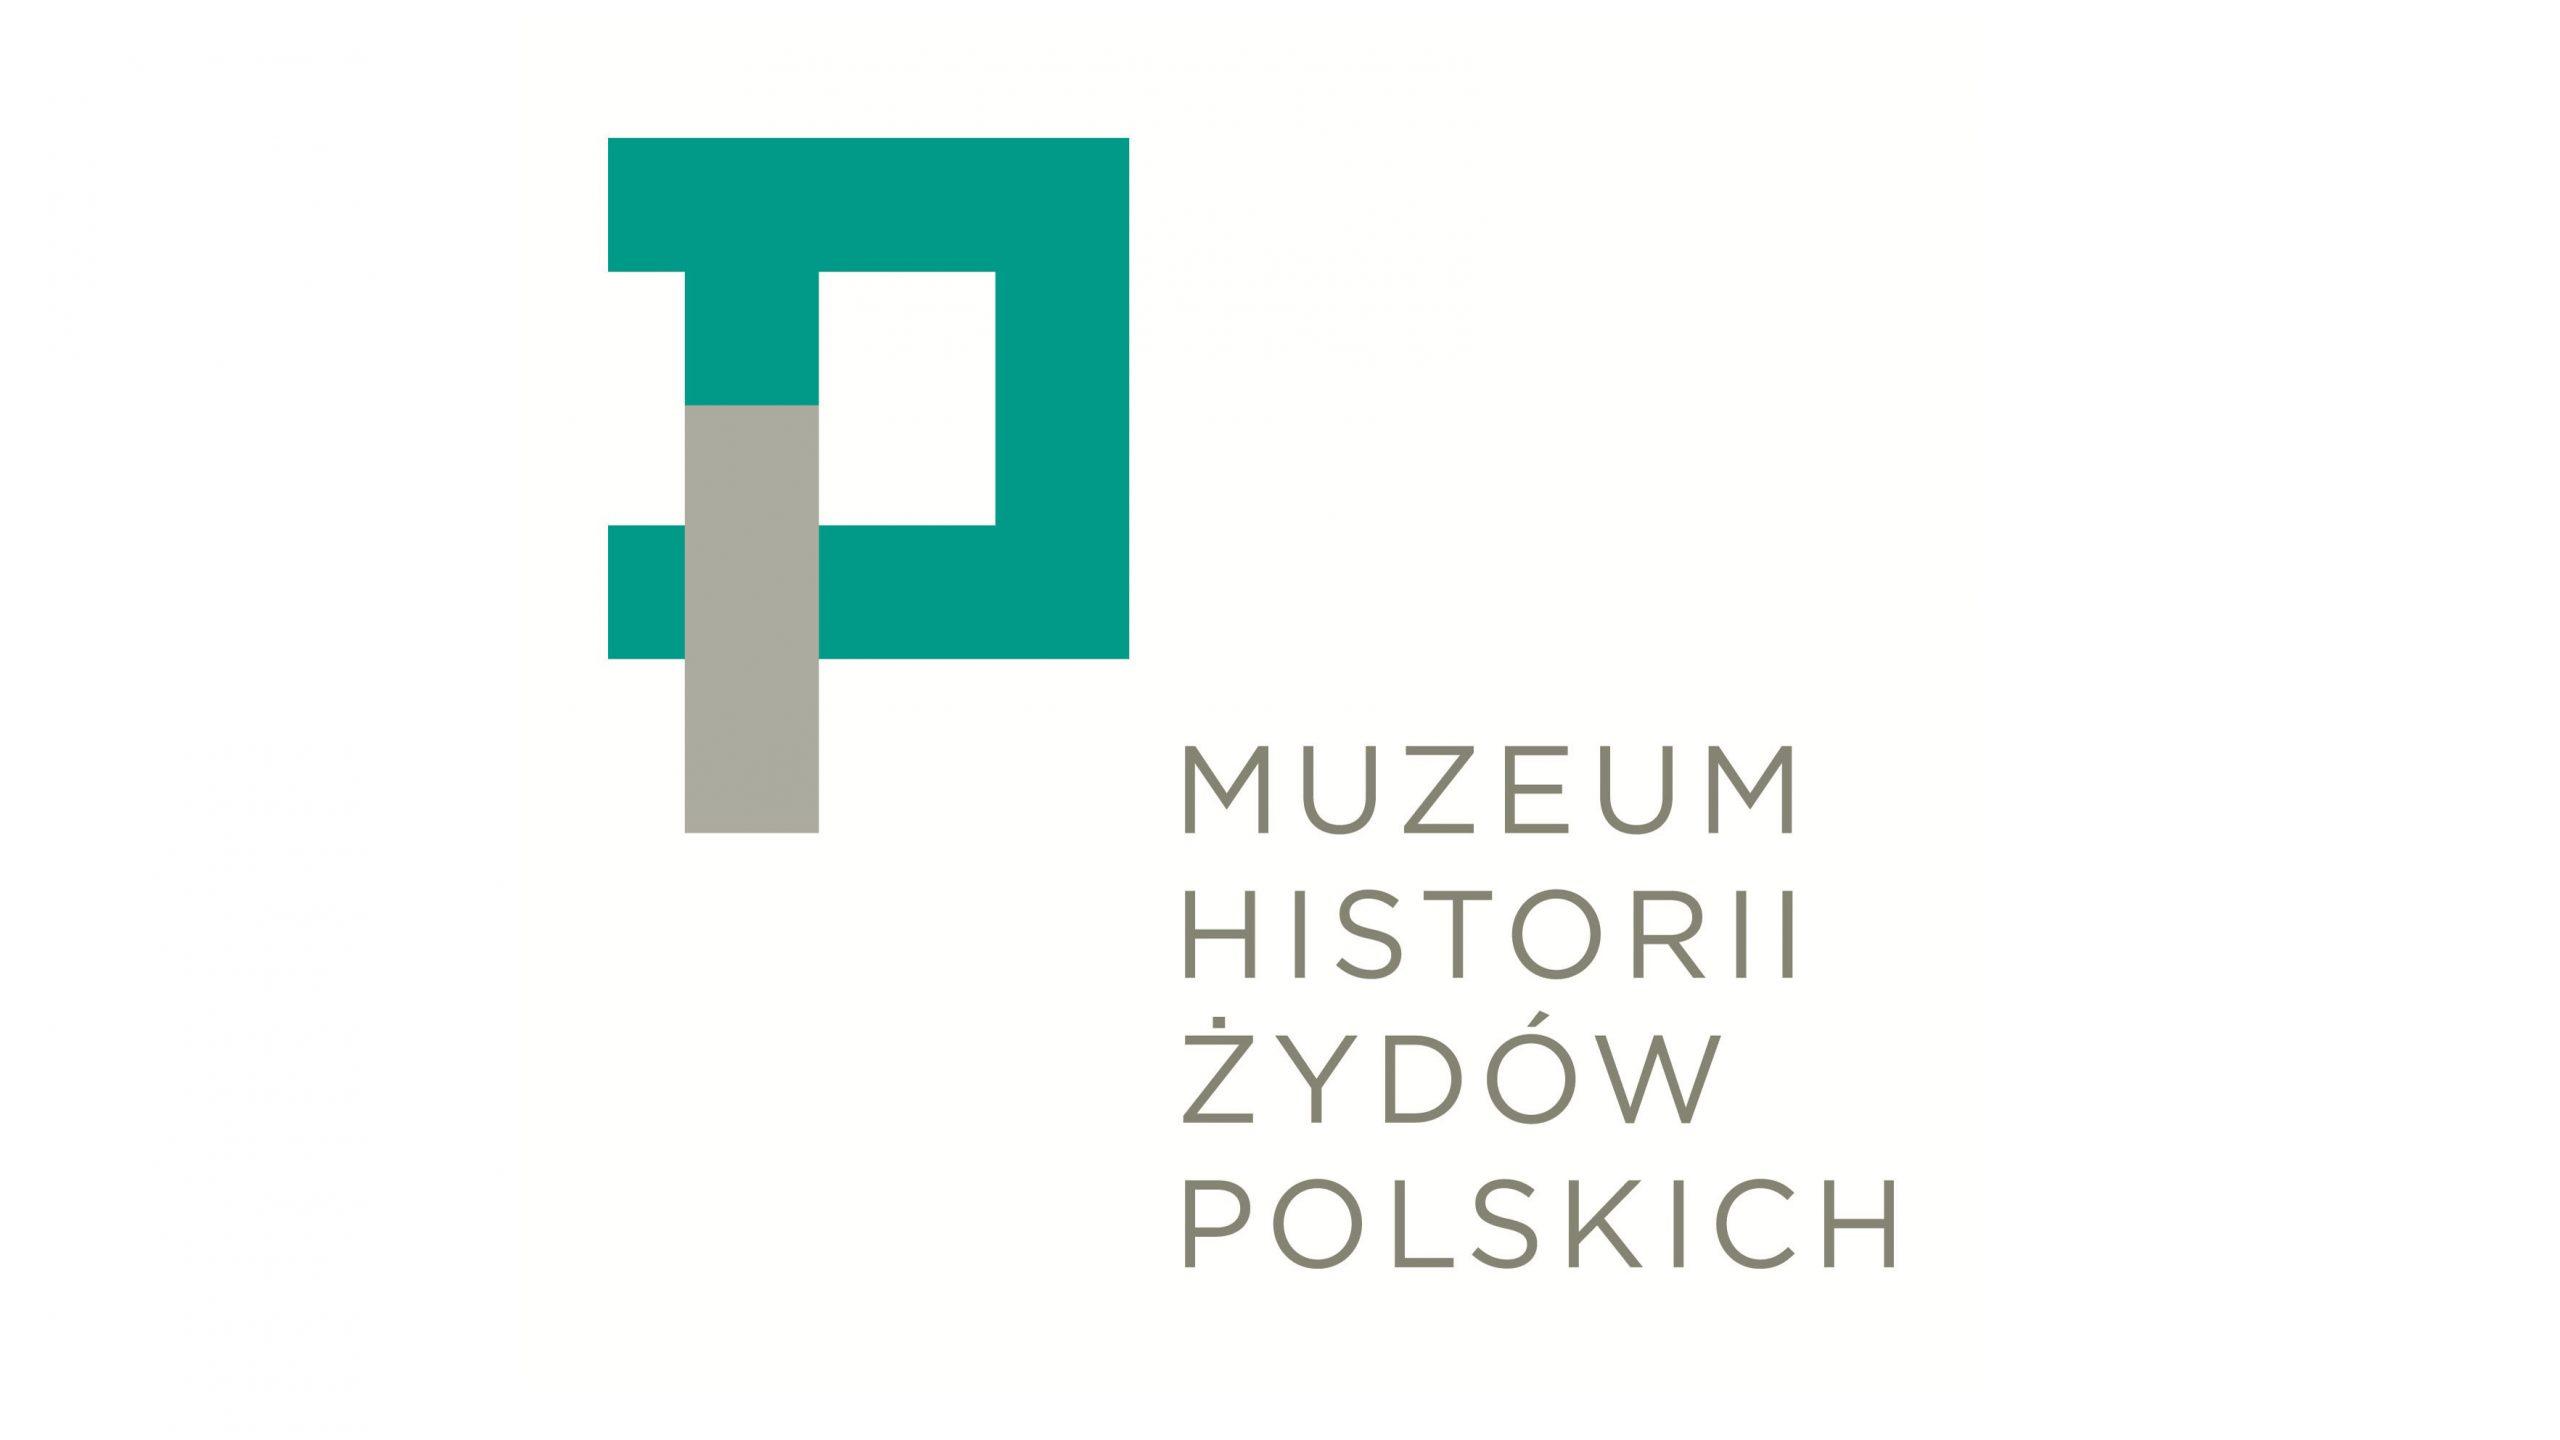 Muzeum Histori Żydów Polskich